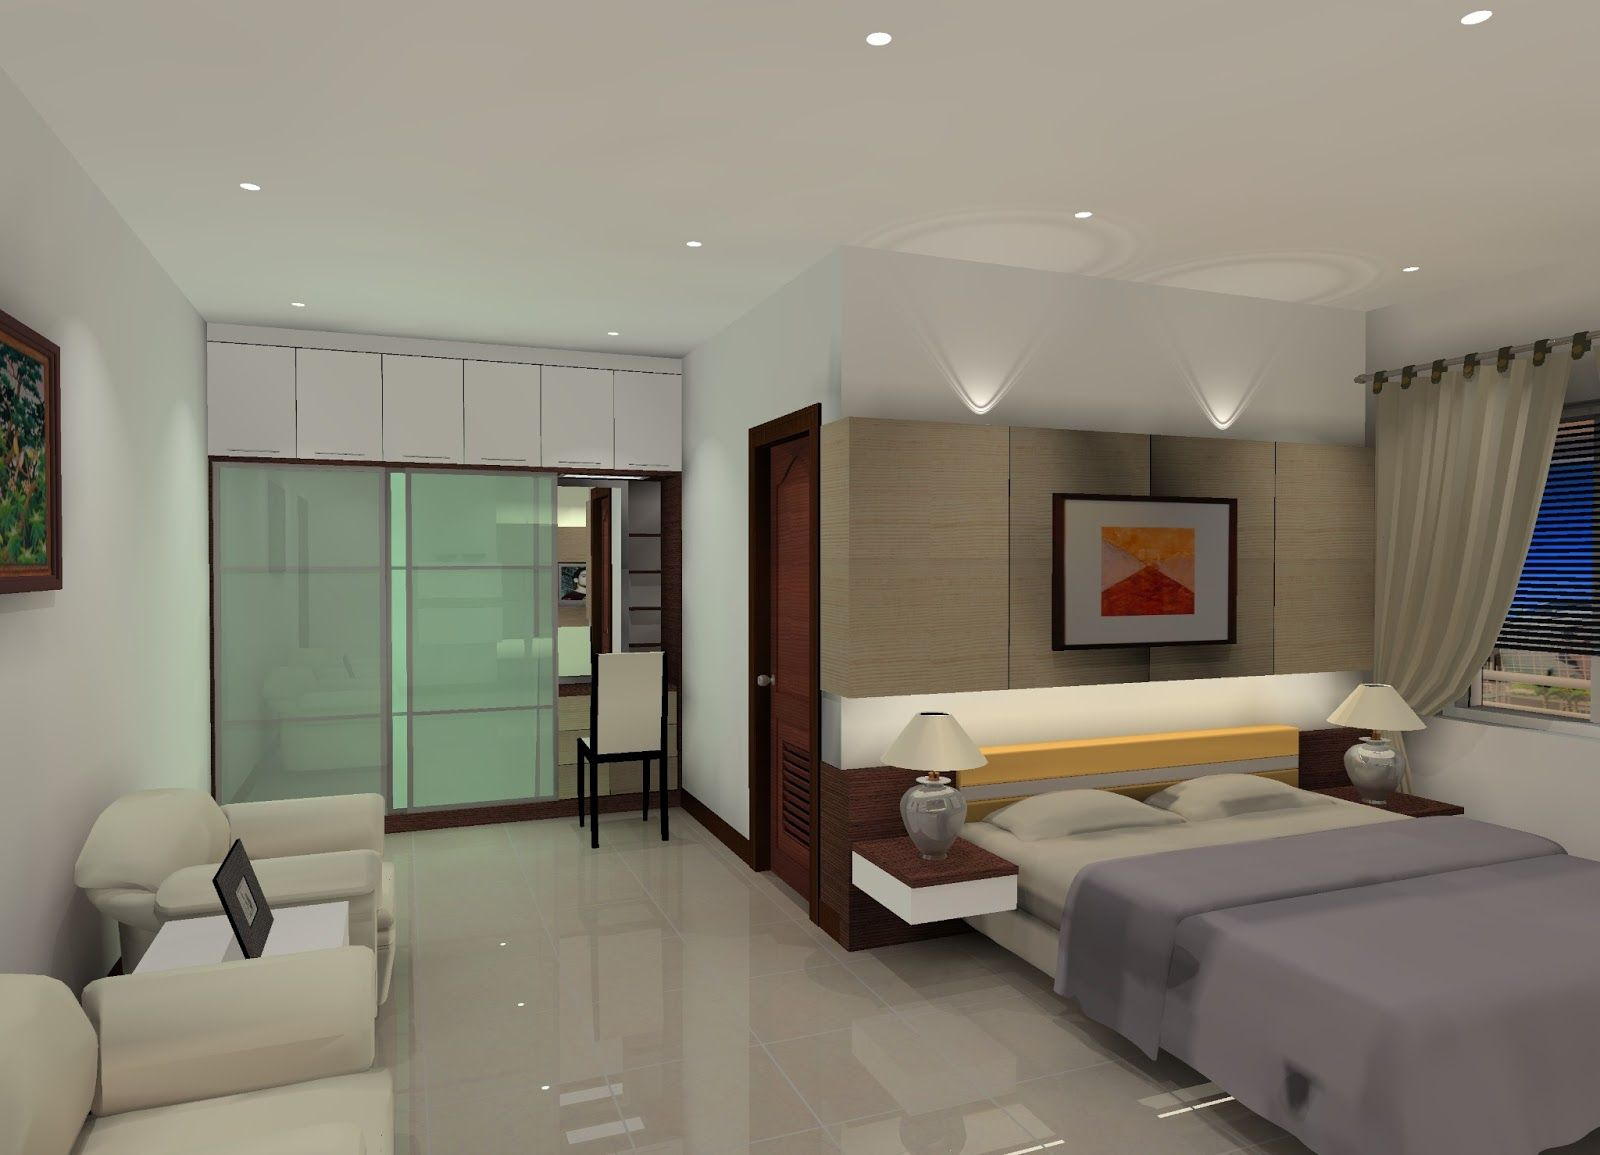 Desain interior kamar tidur utama dengan fungsi yang optimal also bedroom pinterest rh